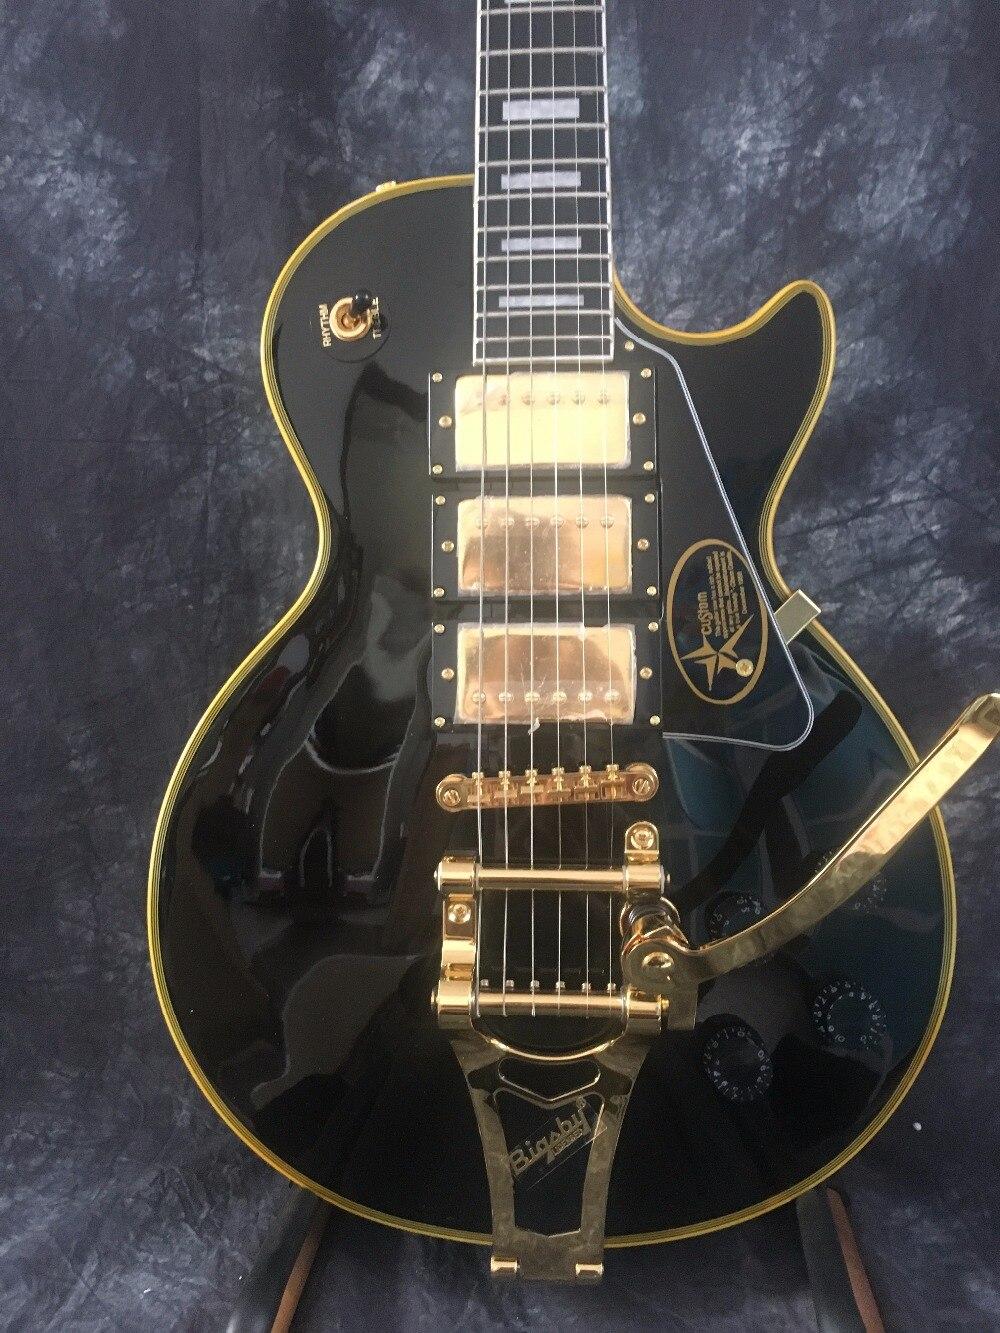 Envío gratuito personalizado Paul Black 3 pastillas Golden Hardware guitarra eléctrica con Bigsby